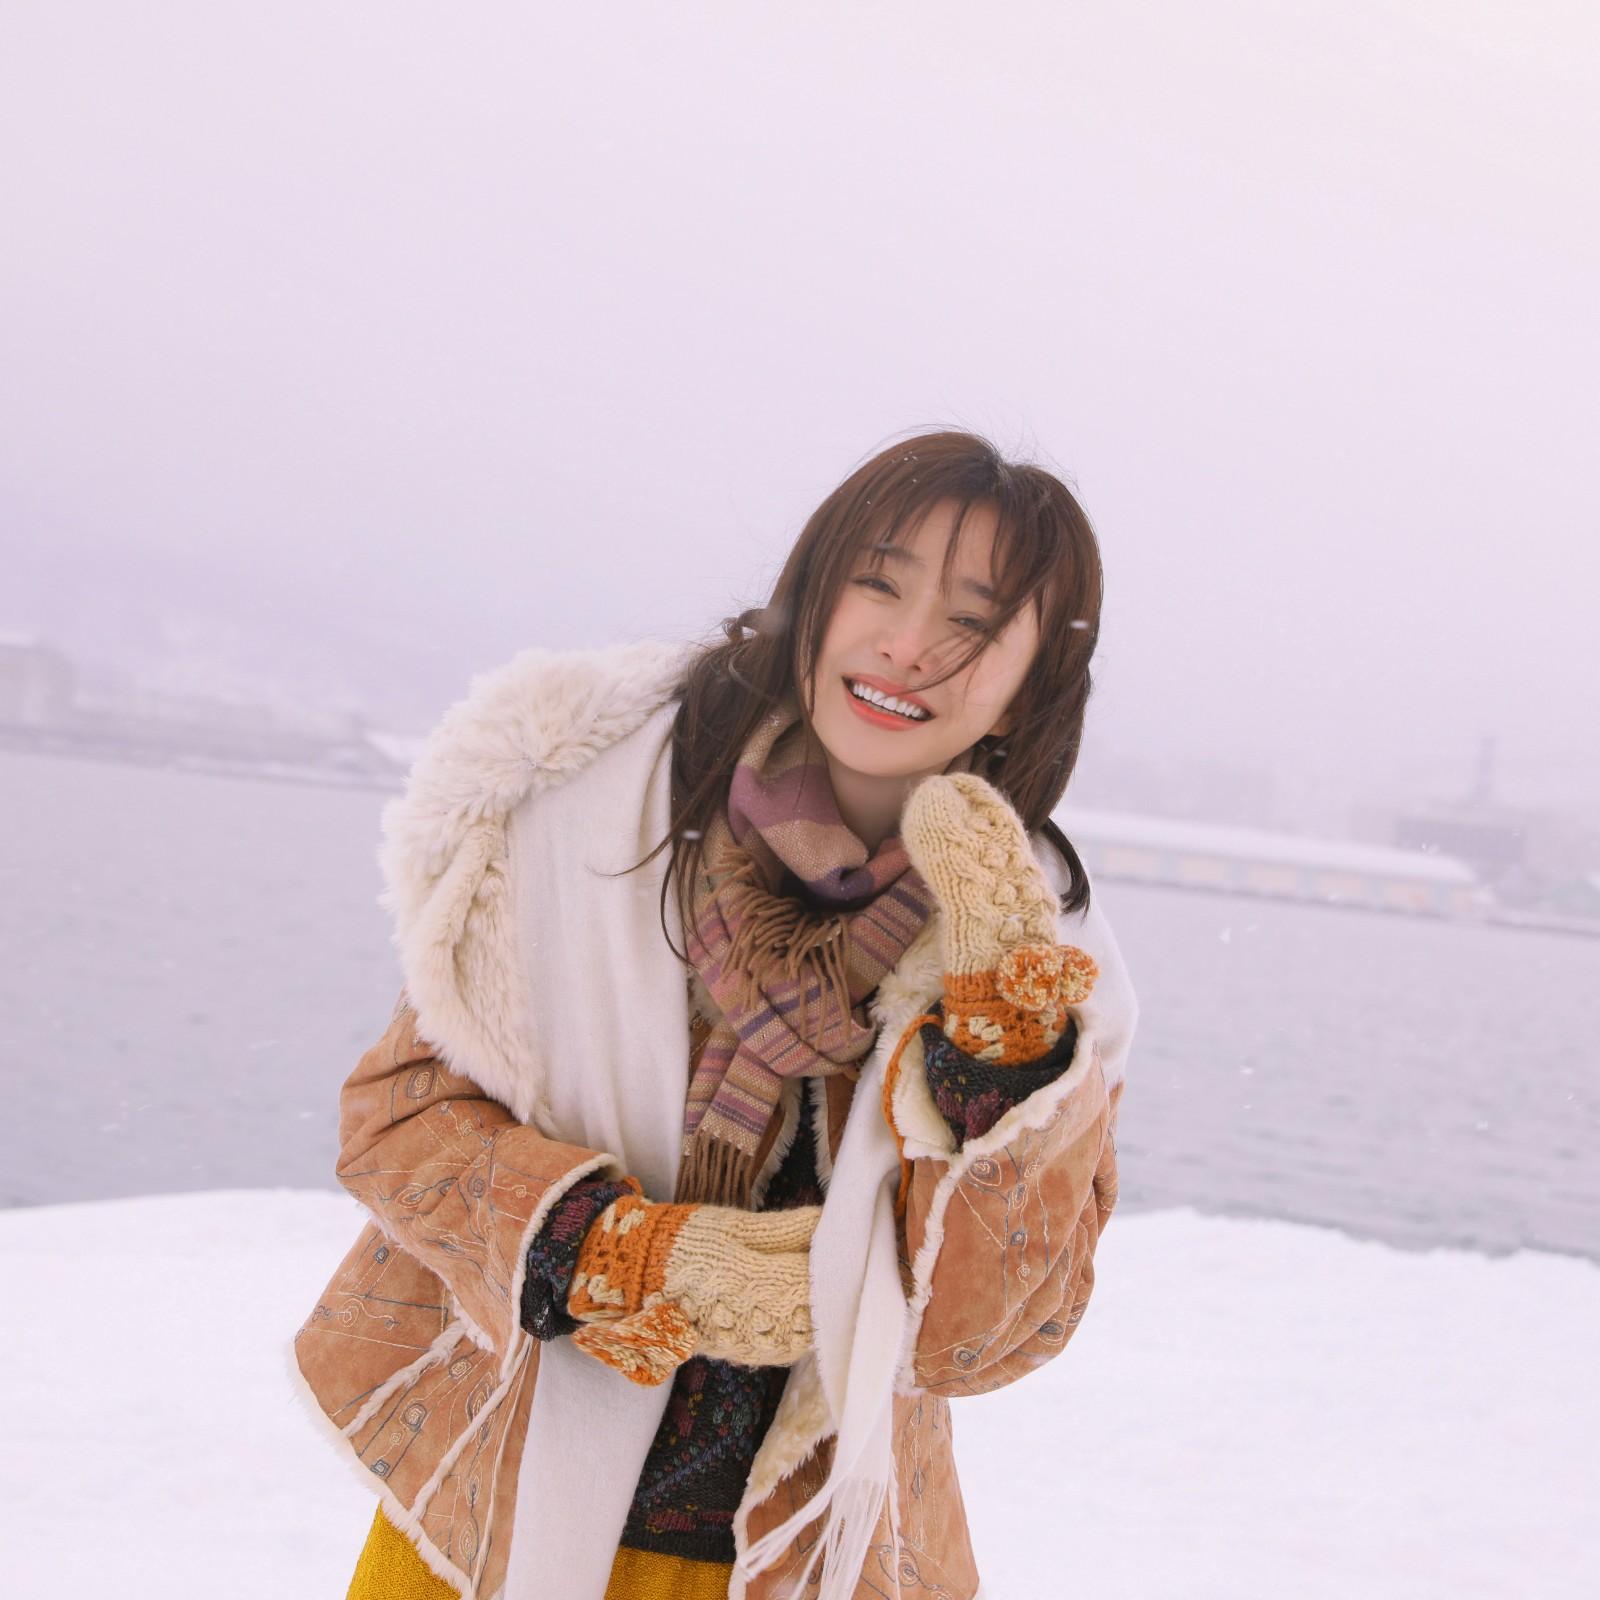 秦岚冬季写真唯美 优雅慵懒尽显少女感